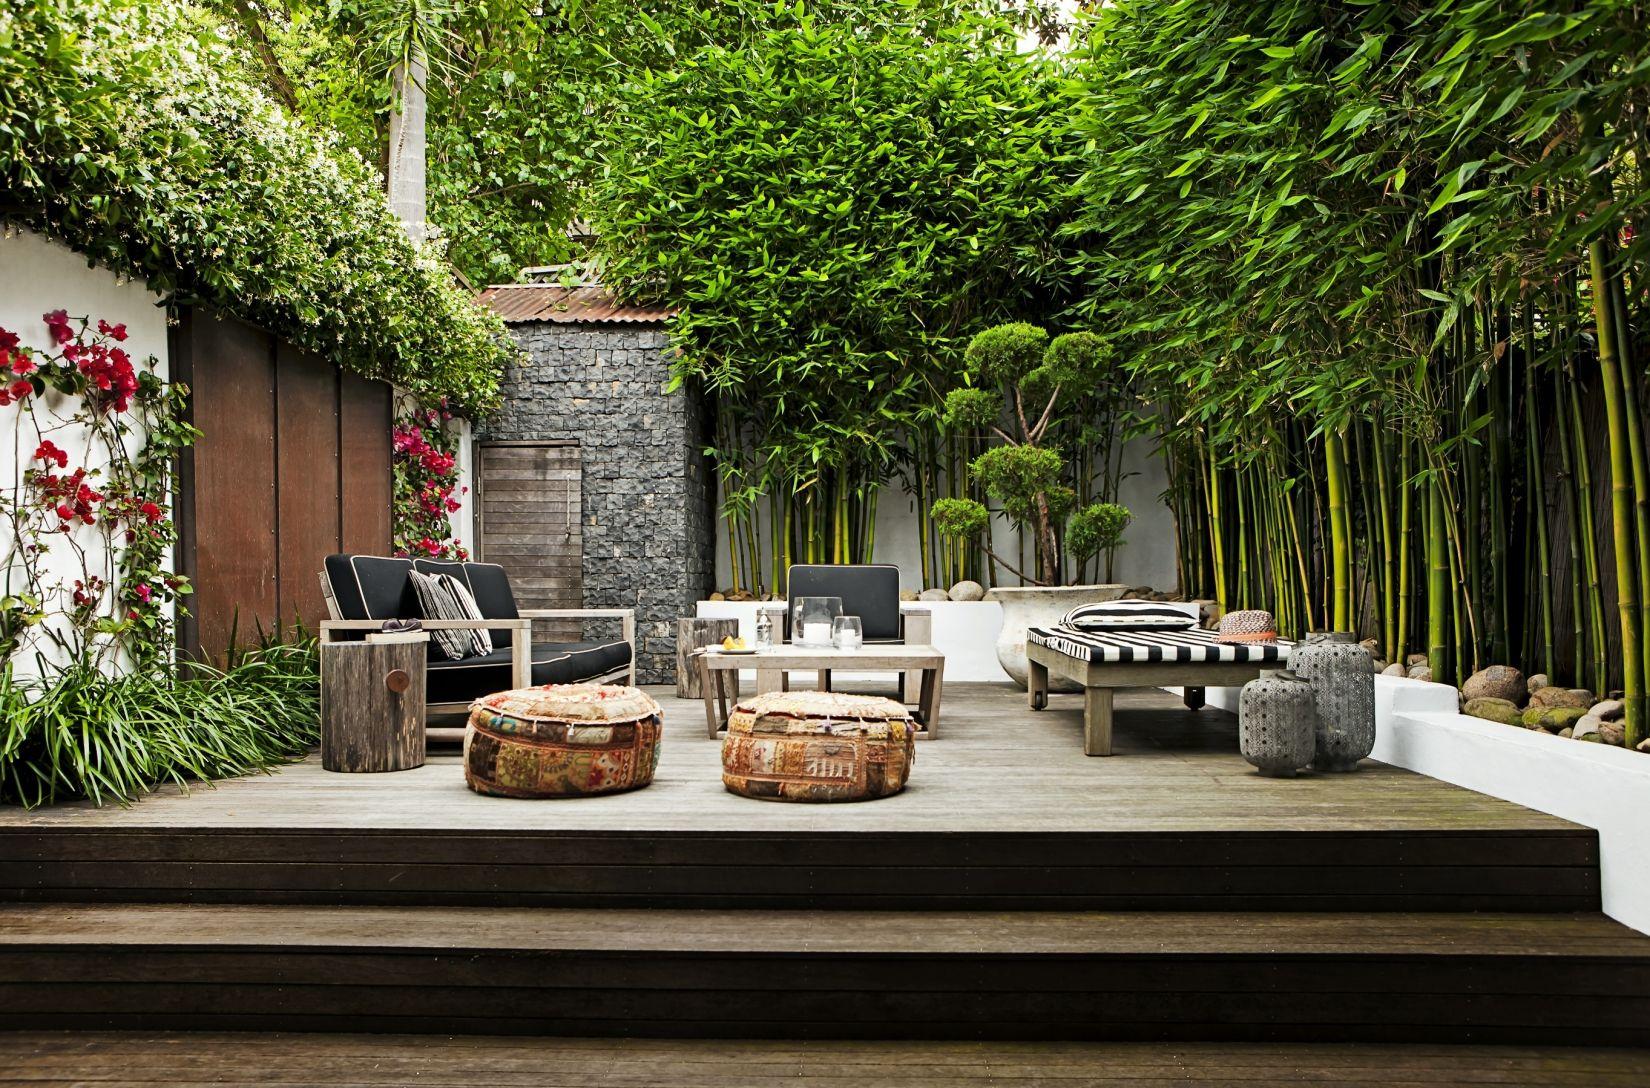 des plantes pour un jardin l 39 ombre douche ext rieure pinterest jardins ext rieur et. Black Bedroom Furniture Sets. Home Design Ideas